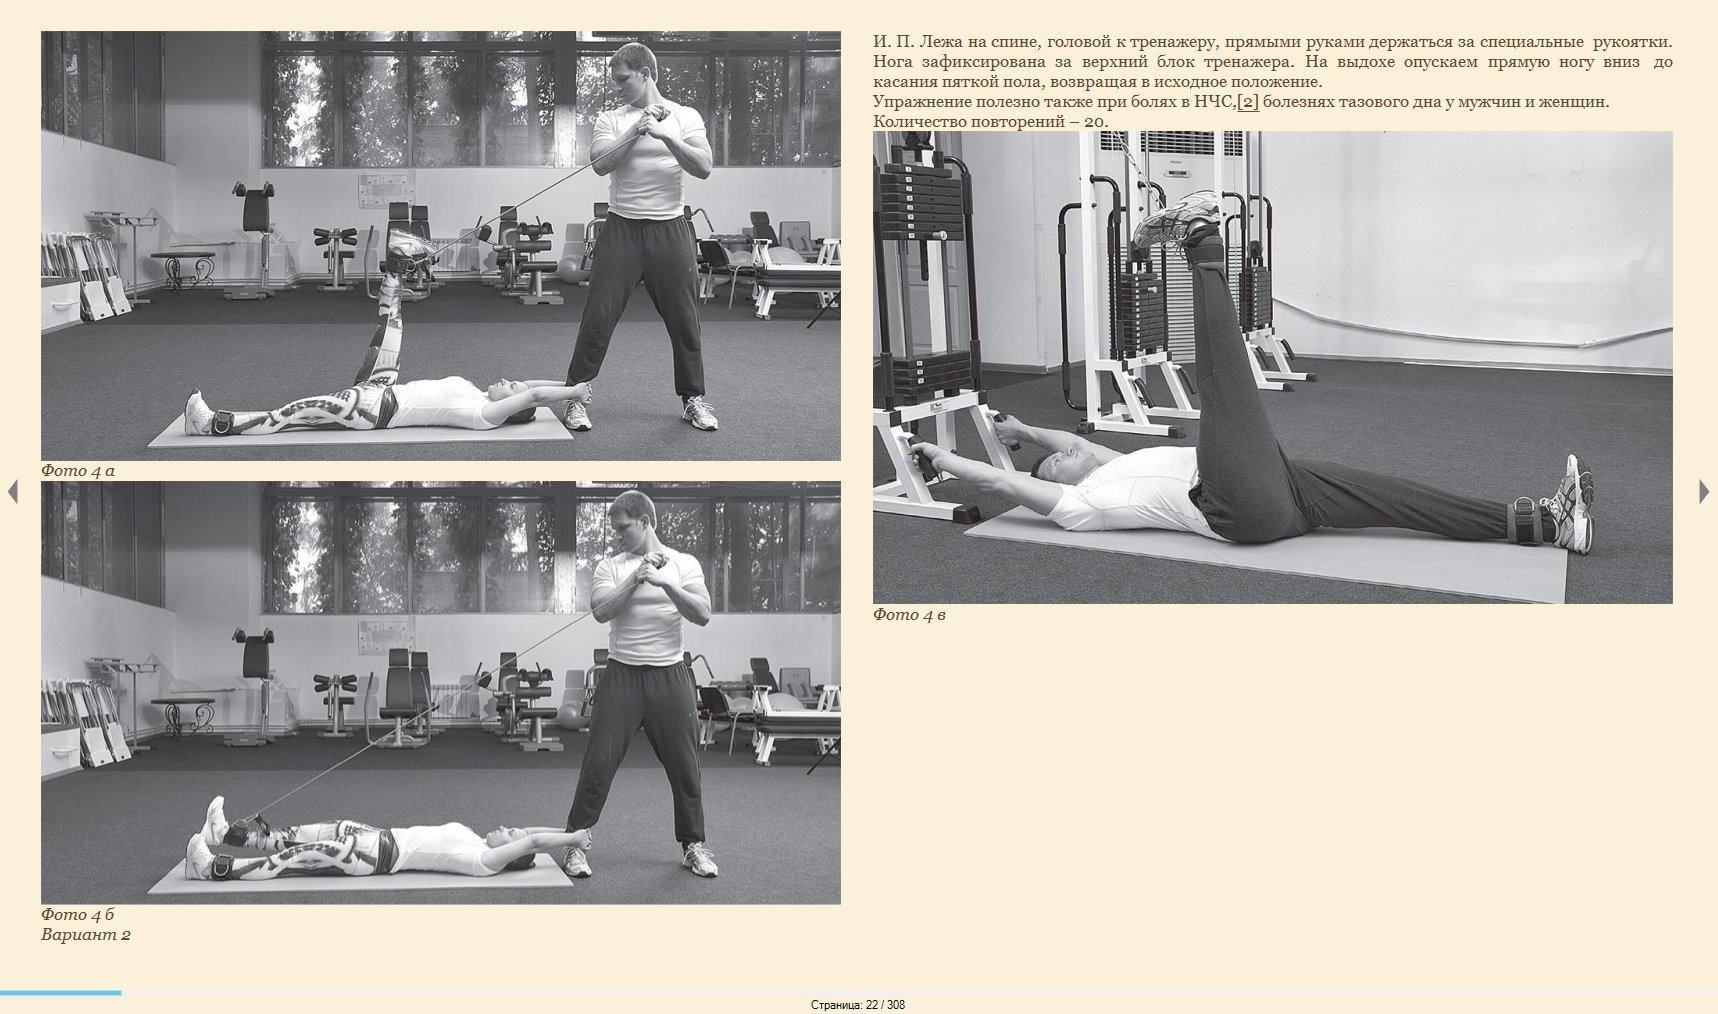 Упражнения для спины бубновского в домашних условиях фото